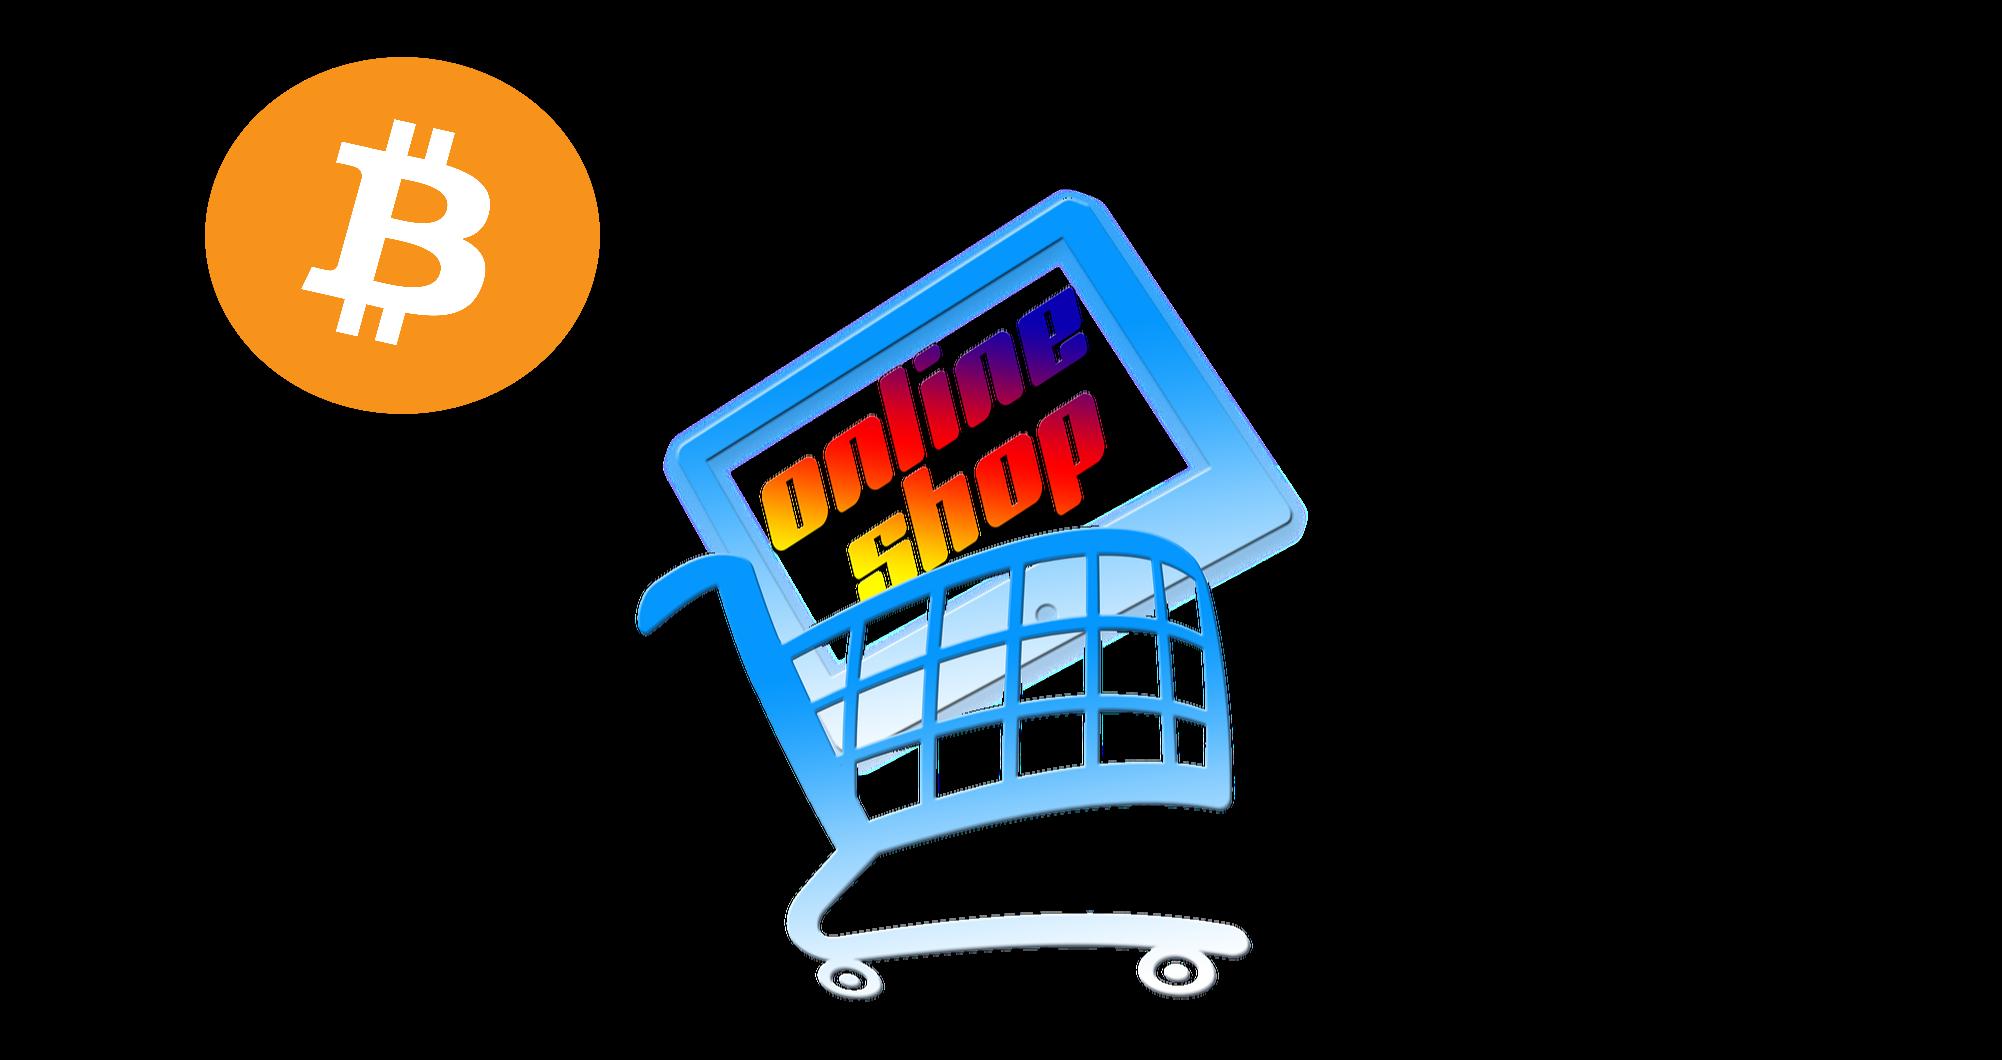 dél-korea úgy véli hogy a bitcoin kereskedési tilalma